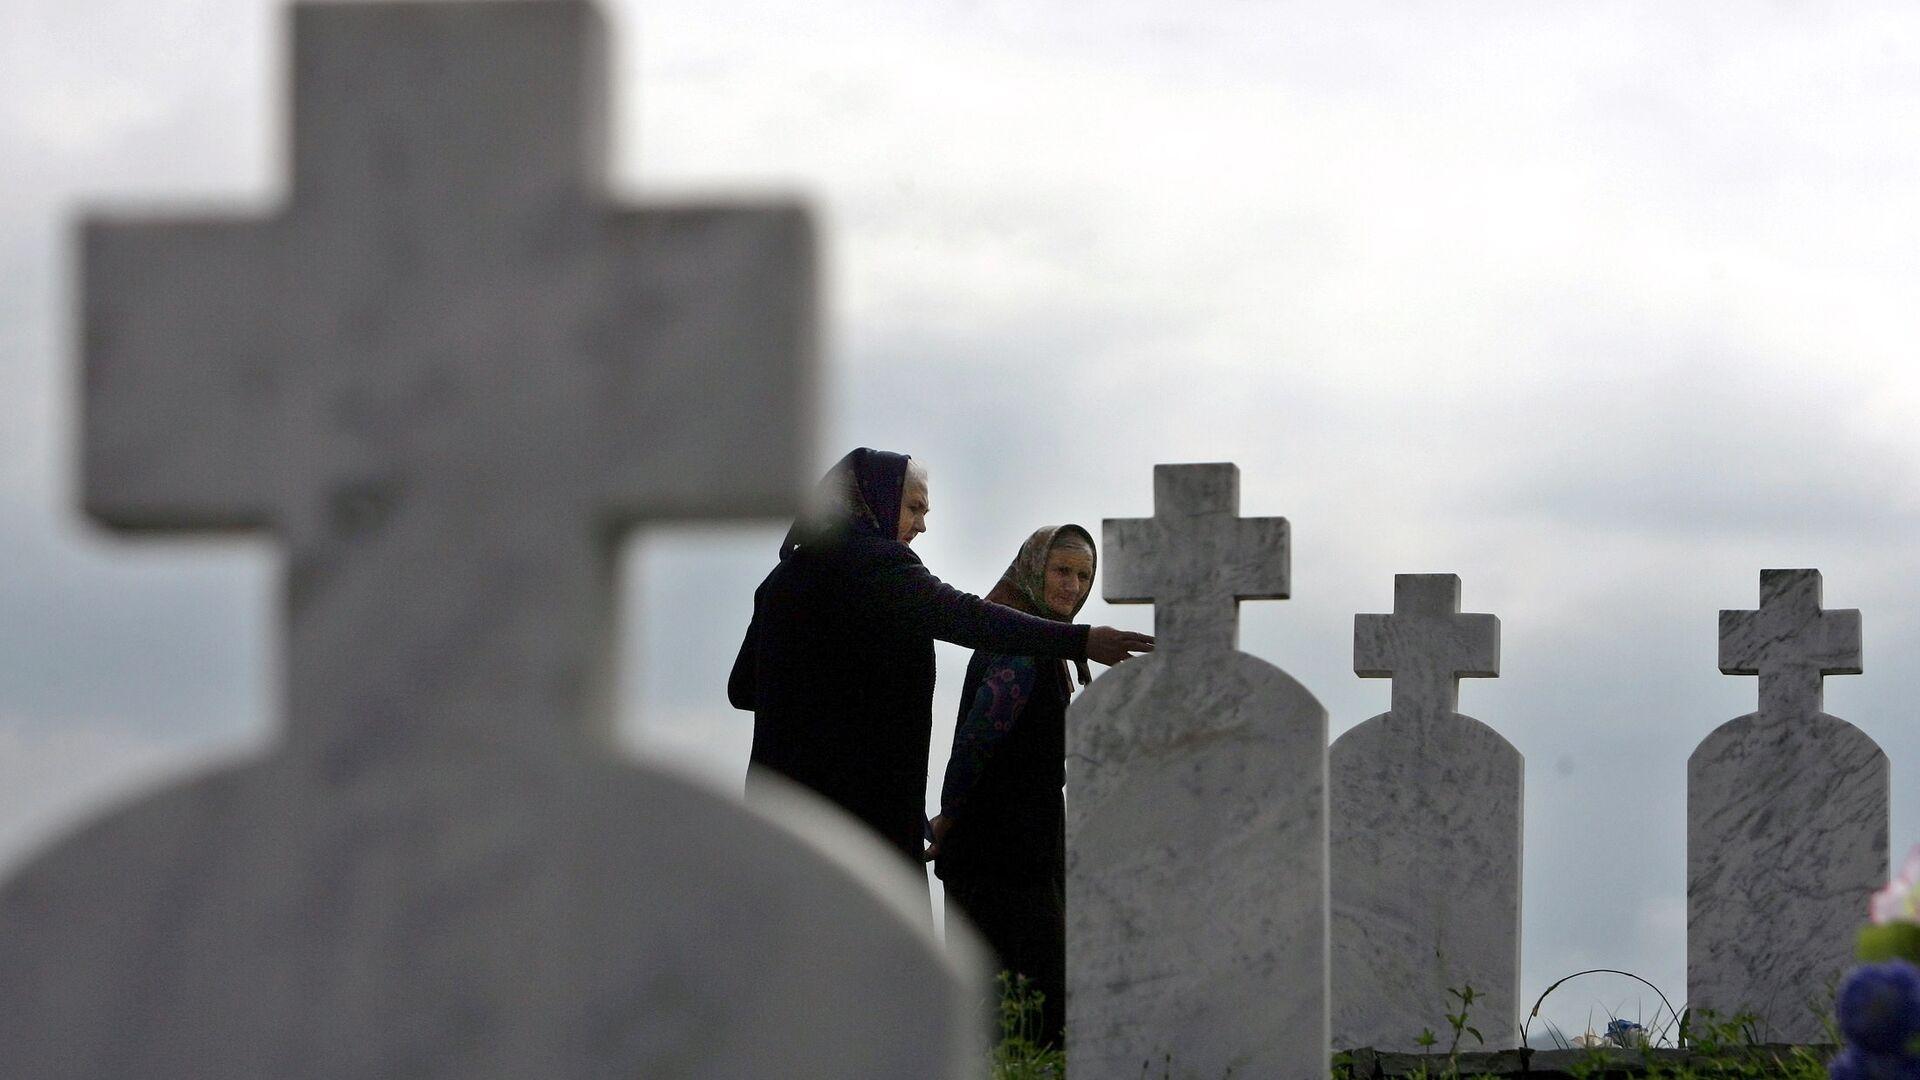 Гробље у Братунцу, БиХ - Sputnik Србија, 1920, 02.07.2021